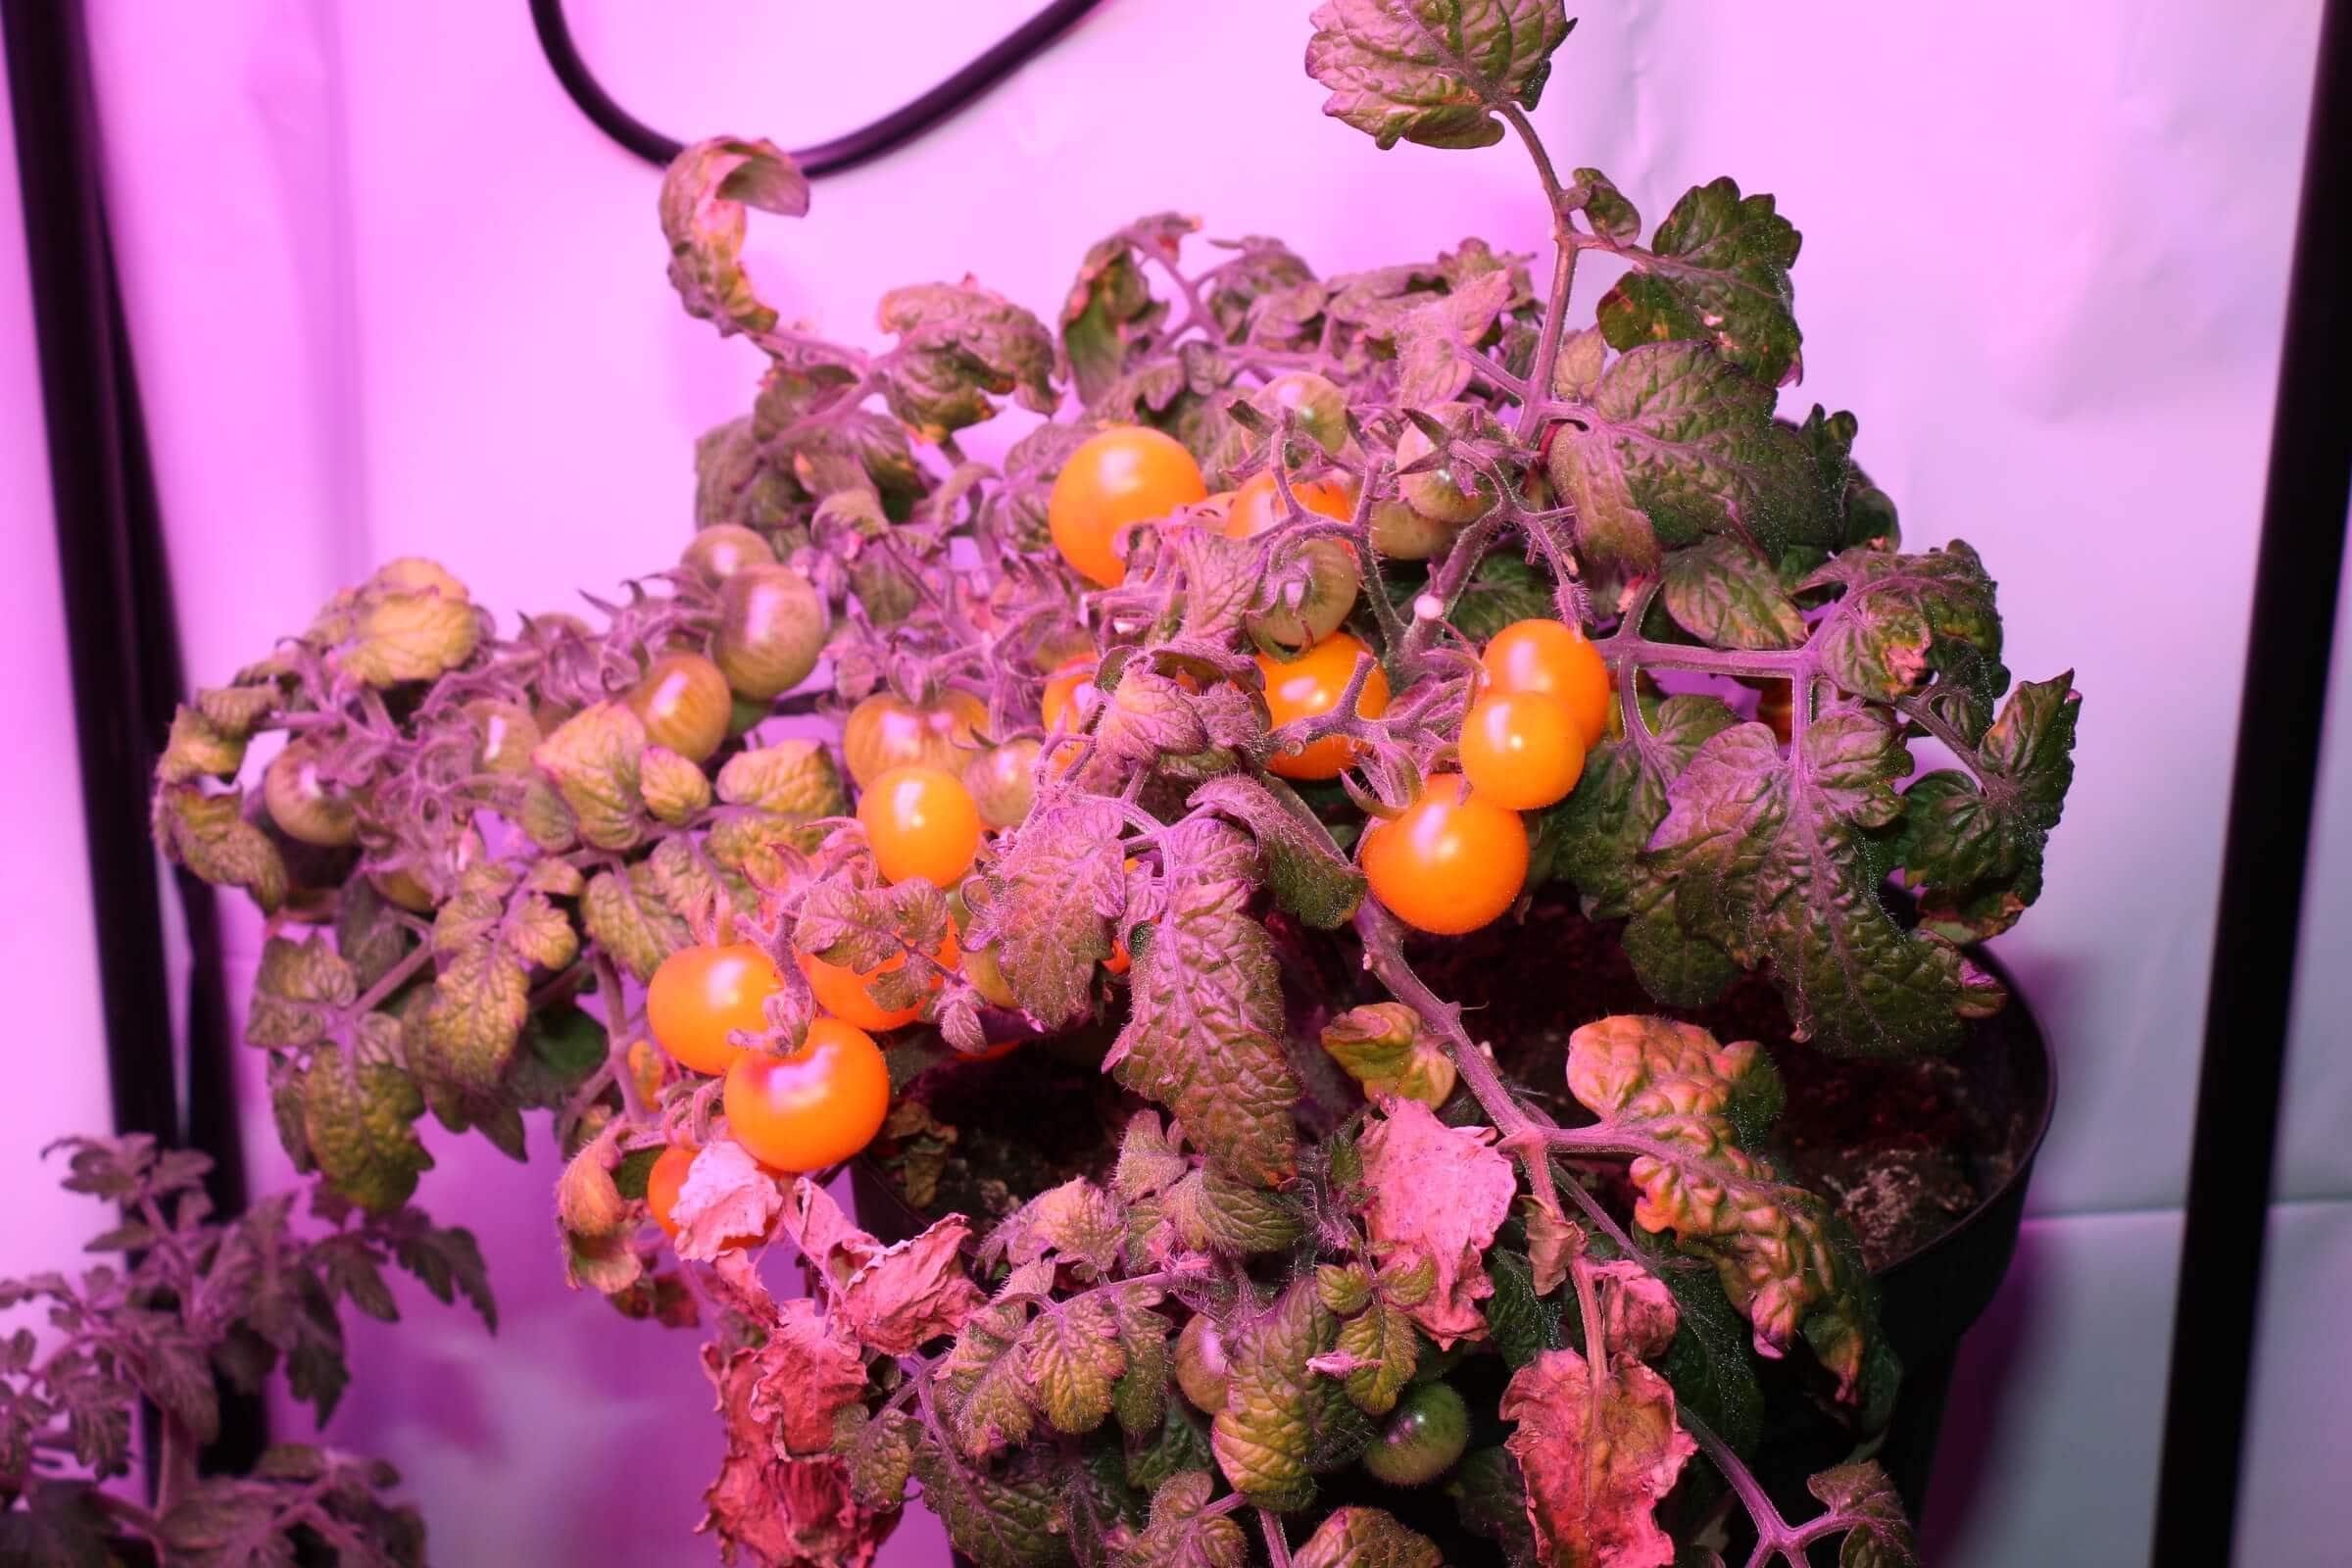 Die Tomaten reifen nach und nach